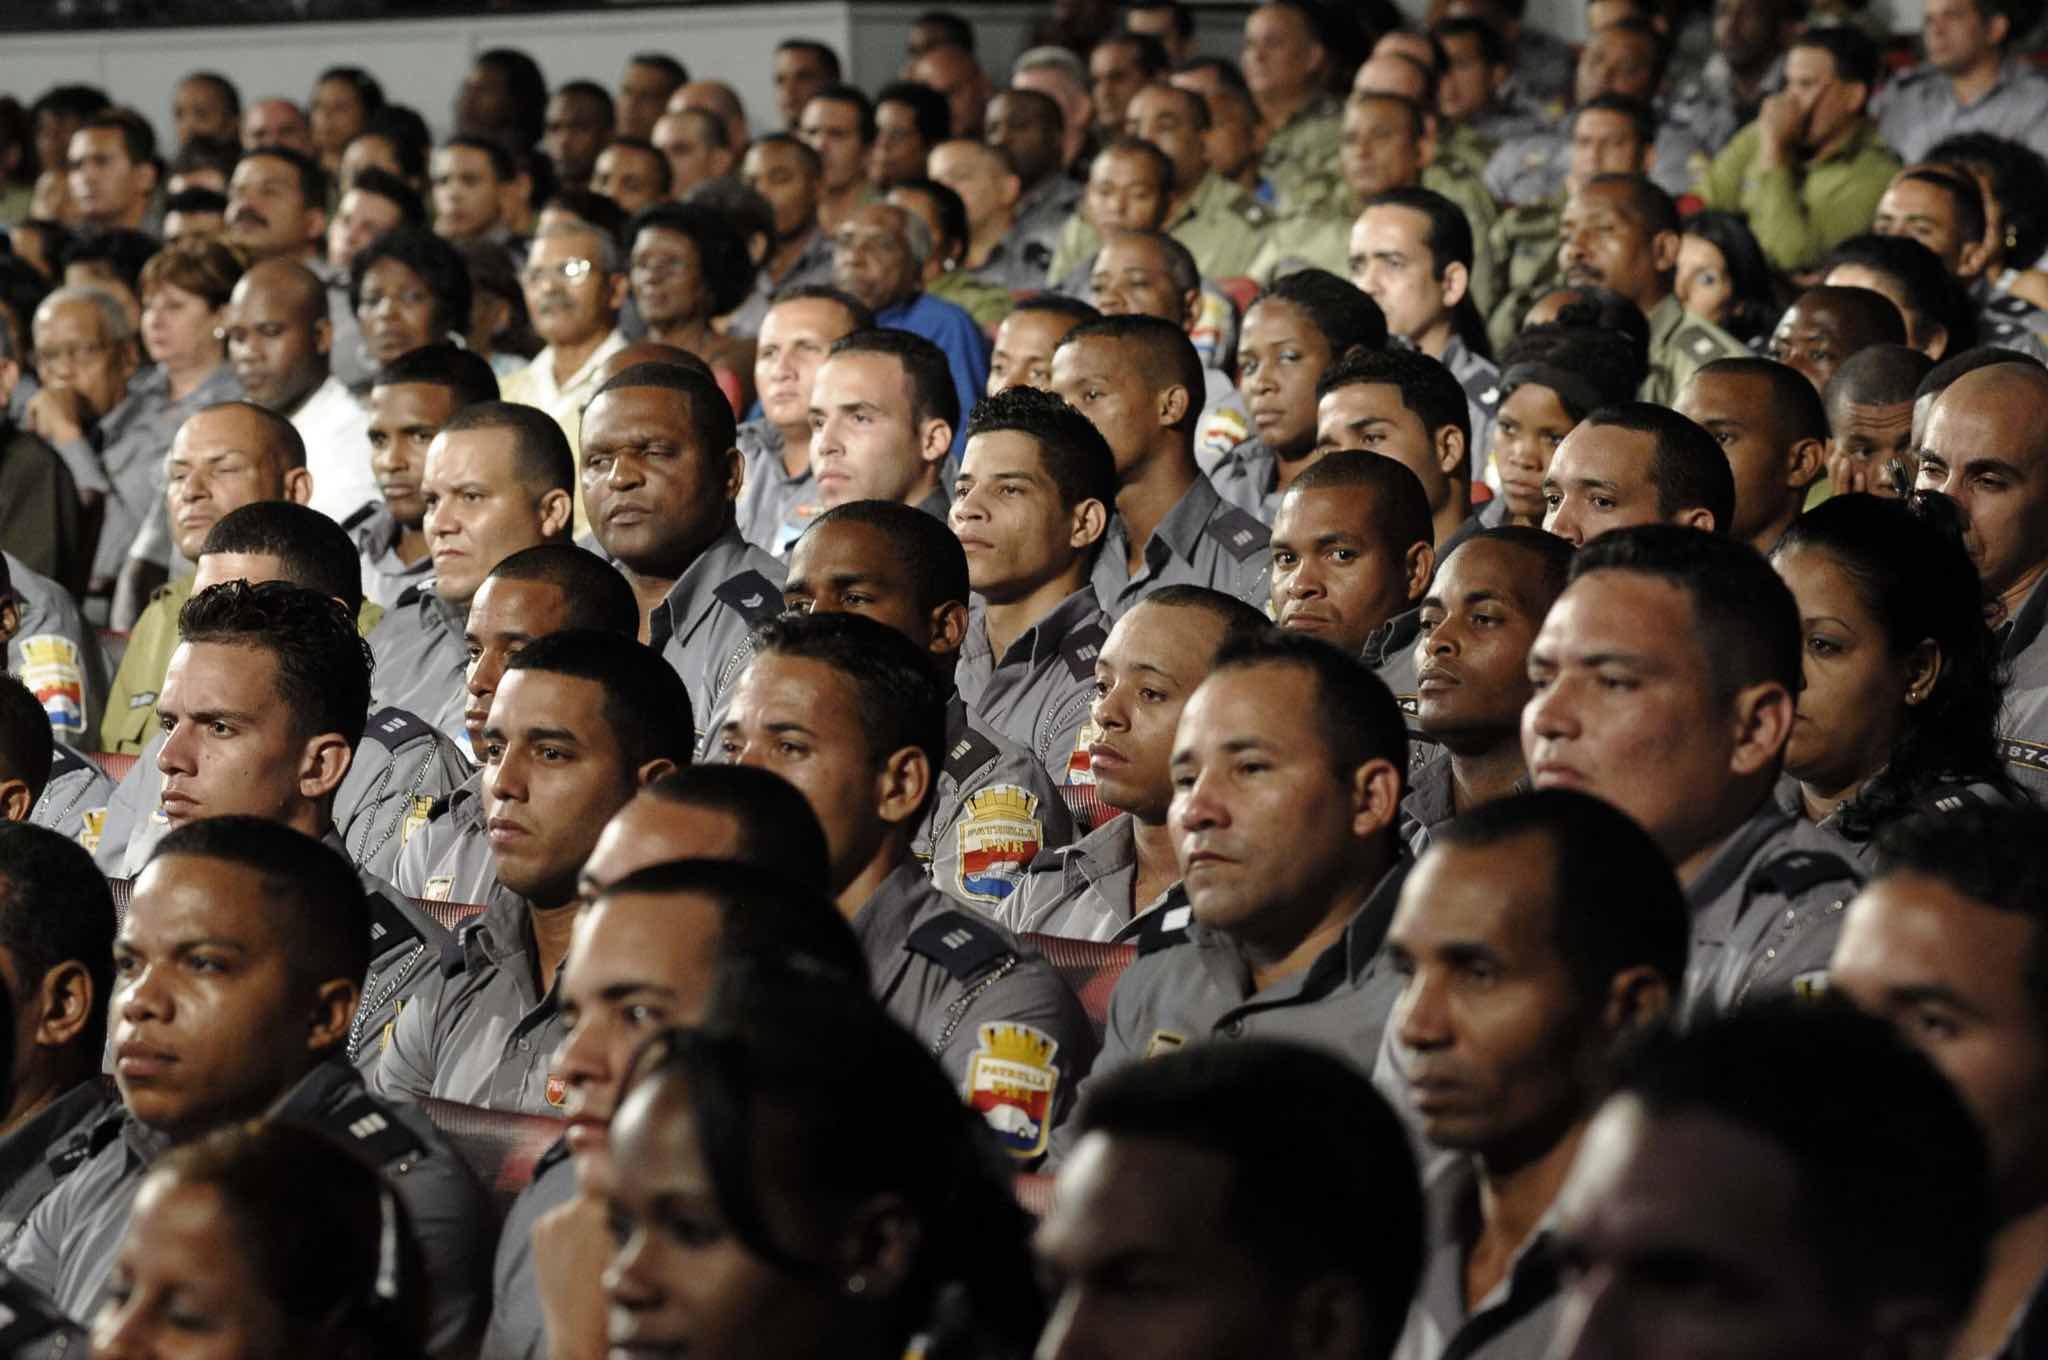 El MININT y la PNR violan la nueva Constitución con total impunidad